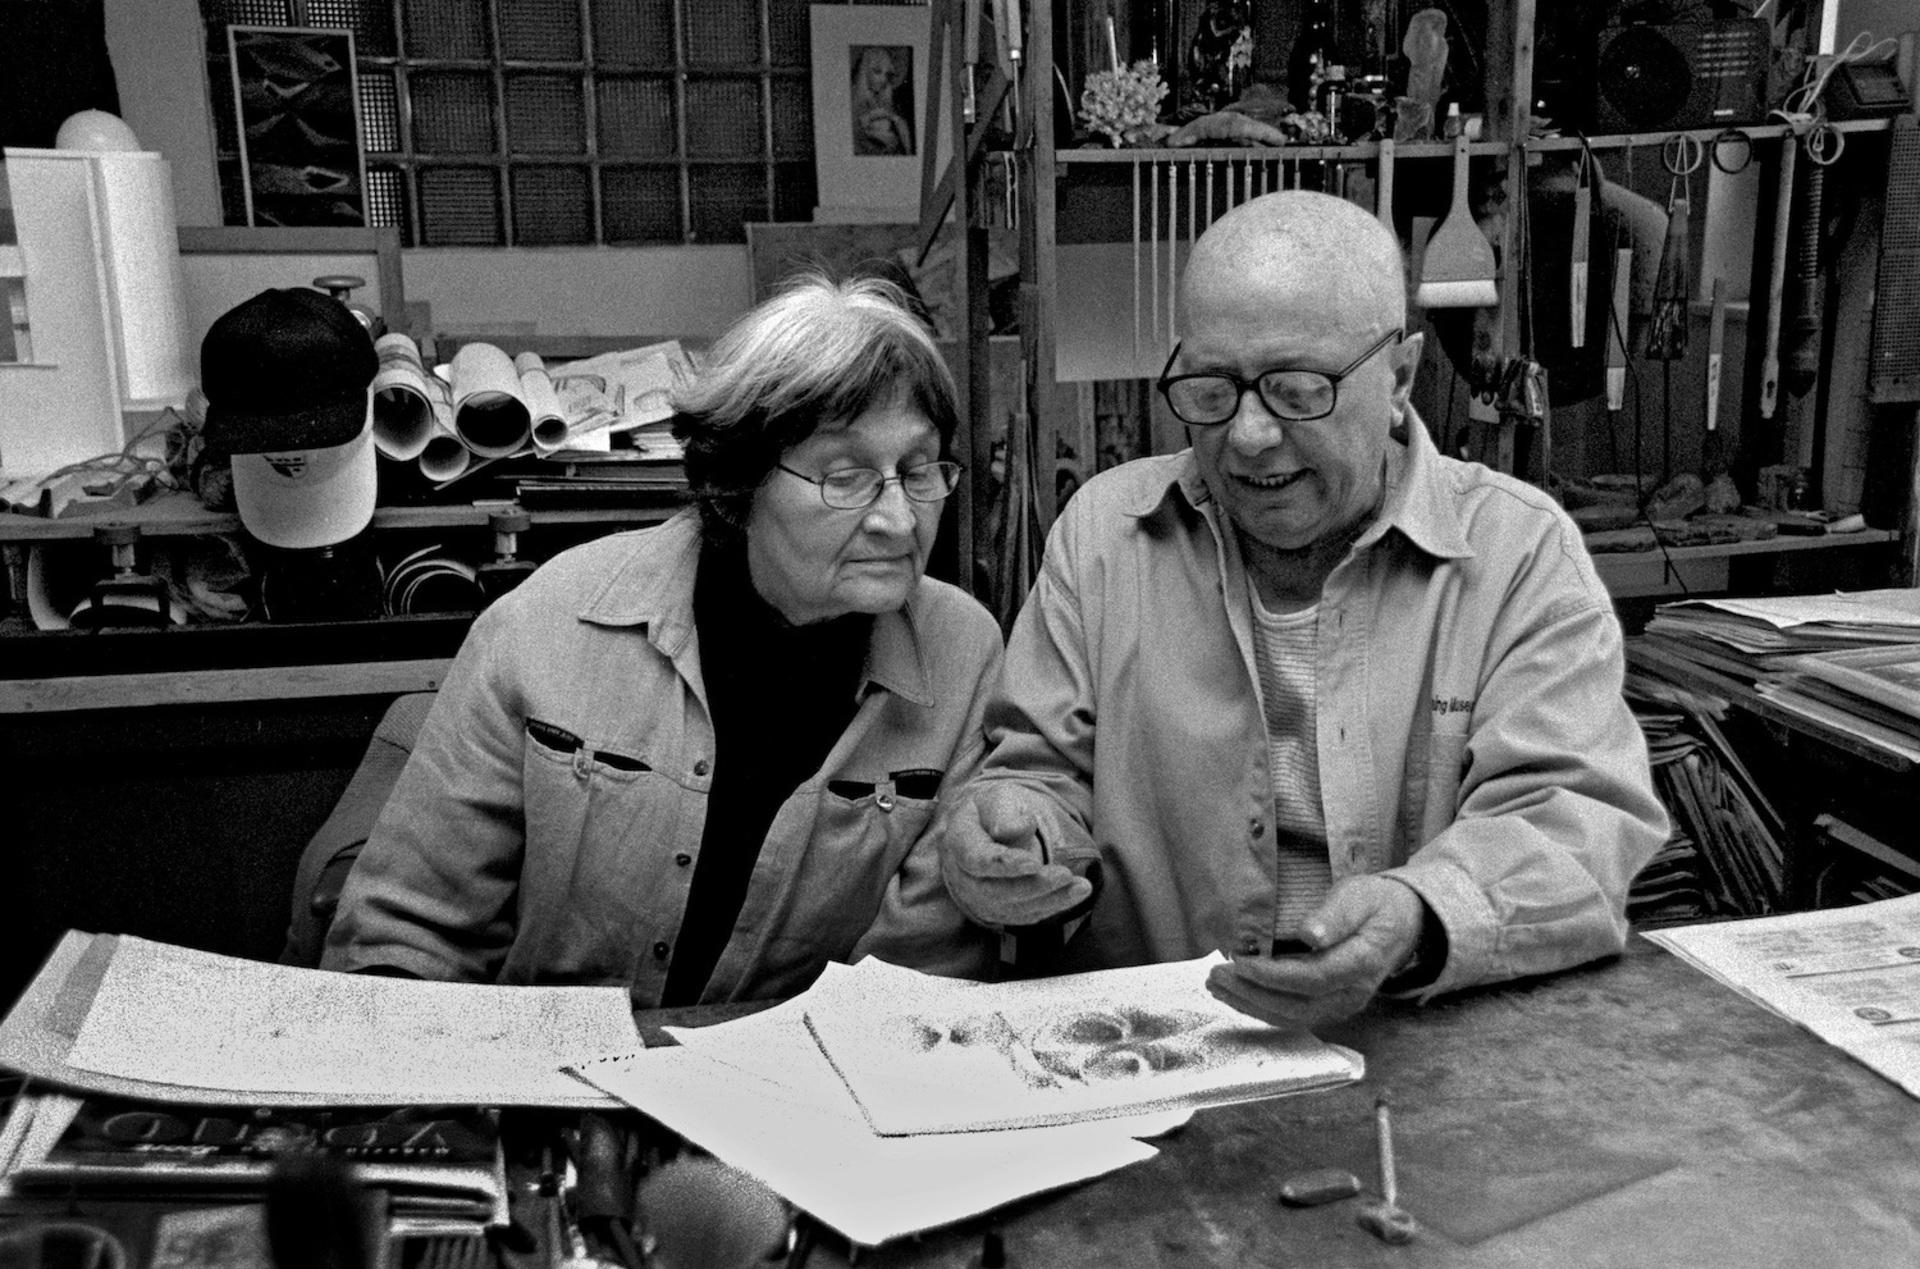 Jaroslava Brychtová a Stanislav Libenský při práci v ateliéru, 2001